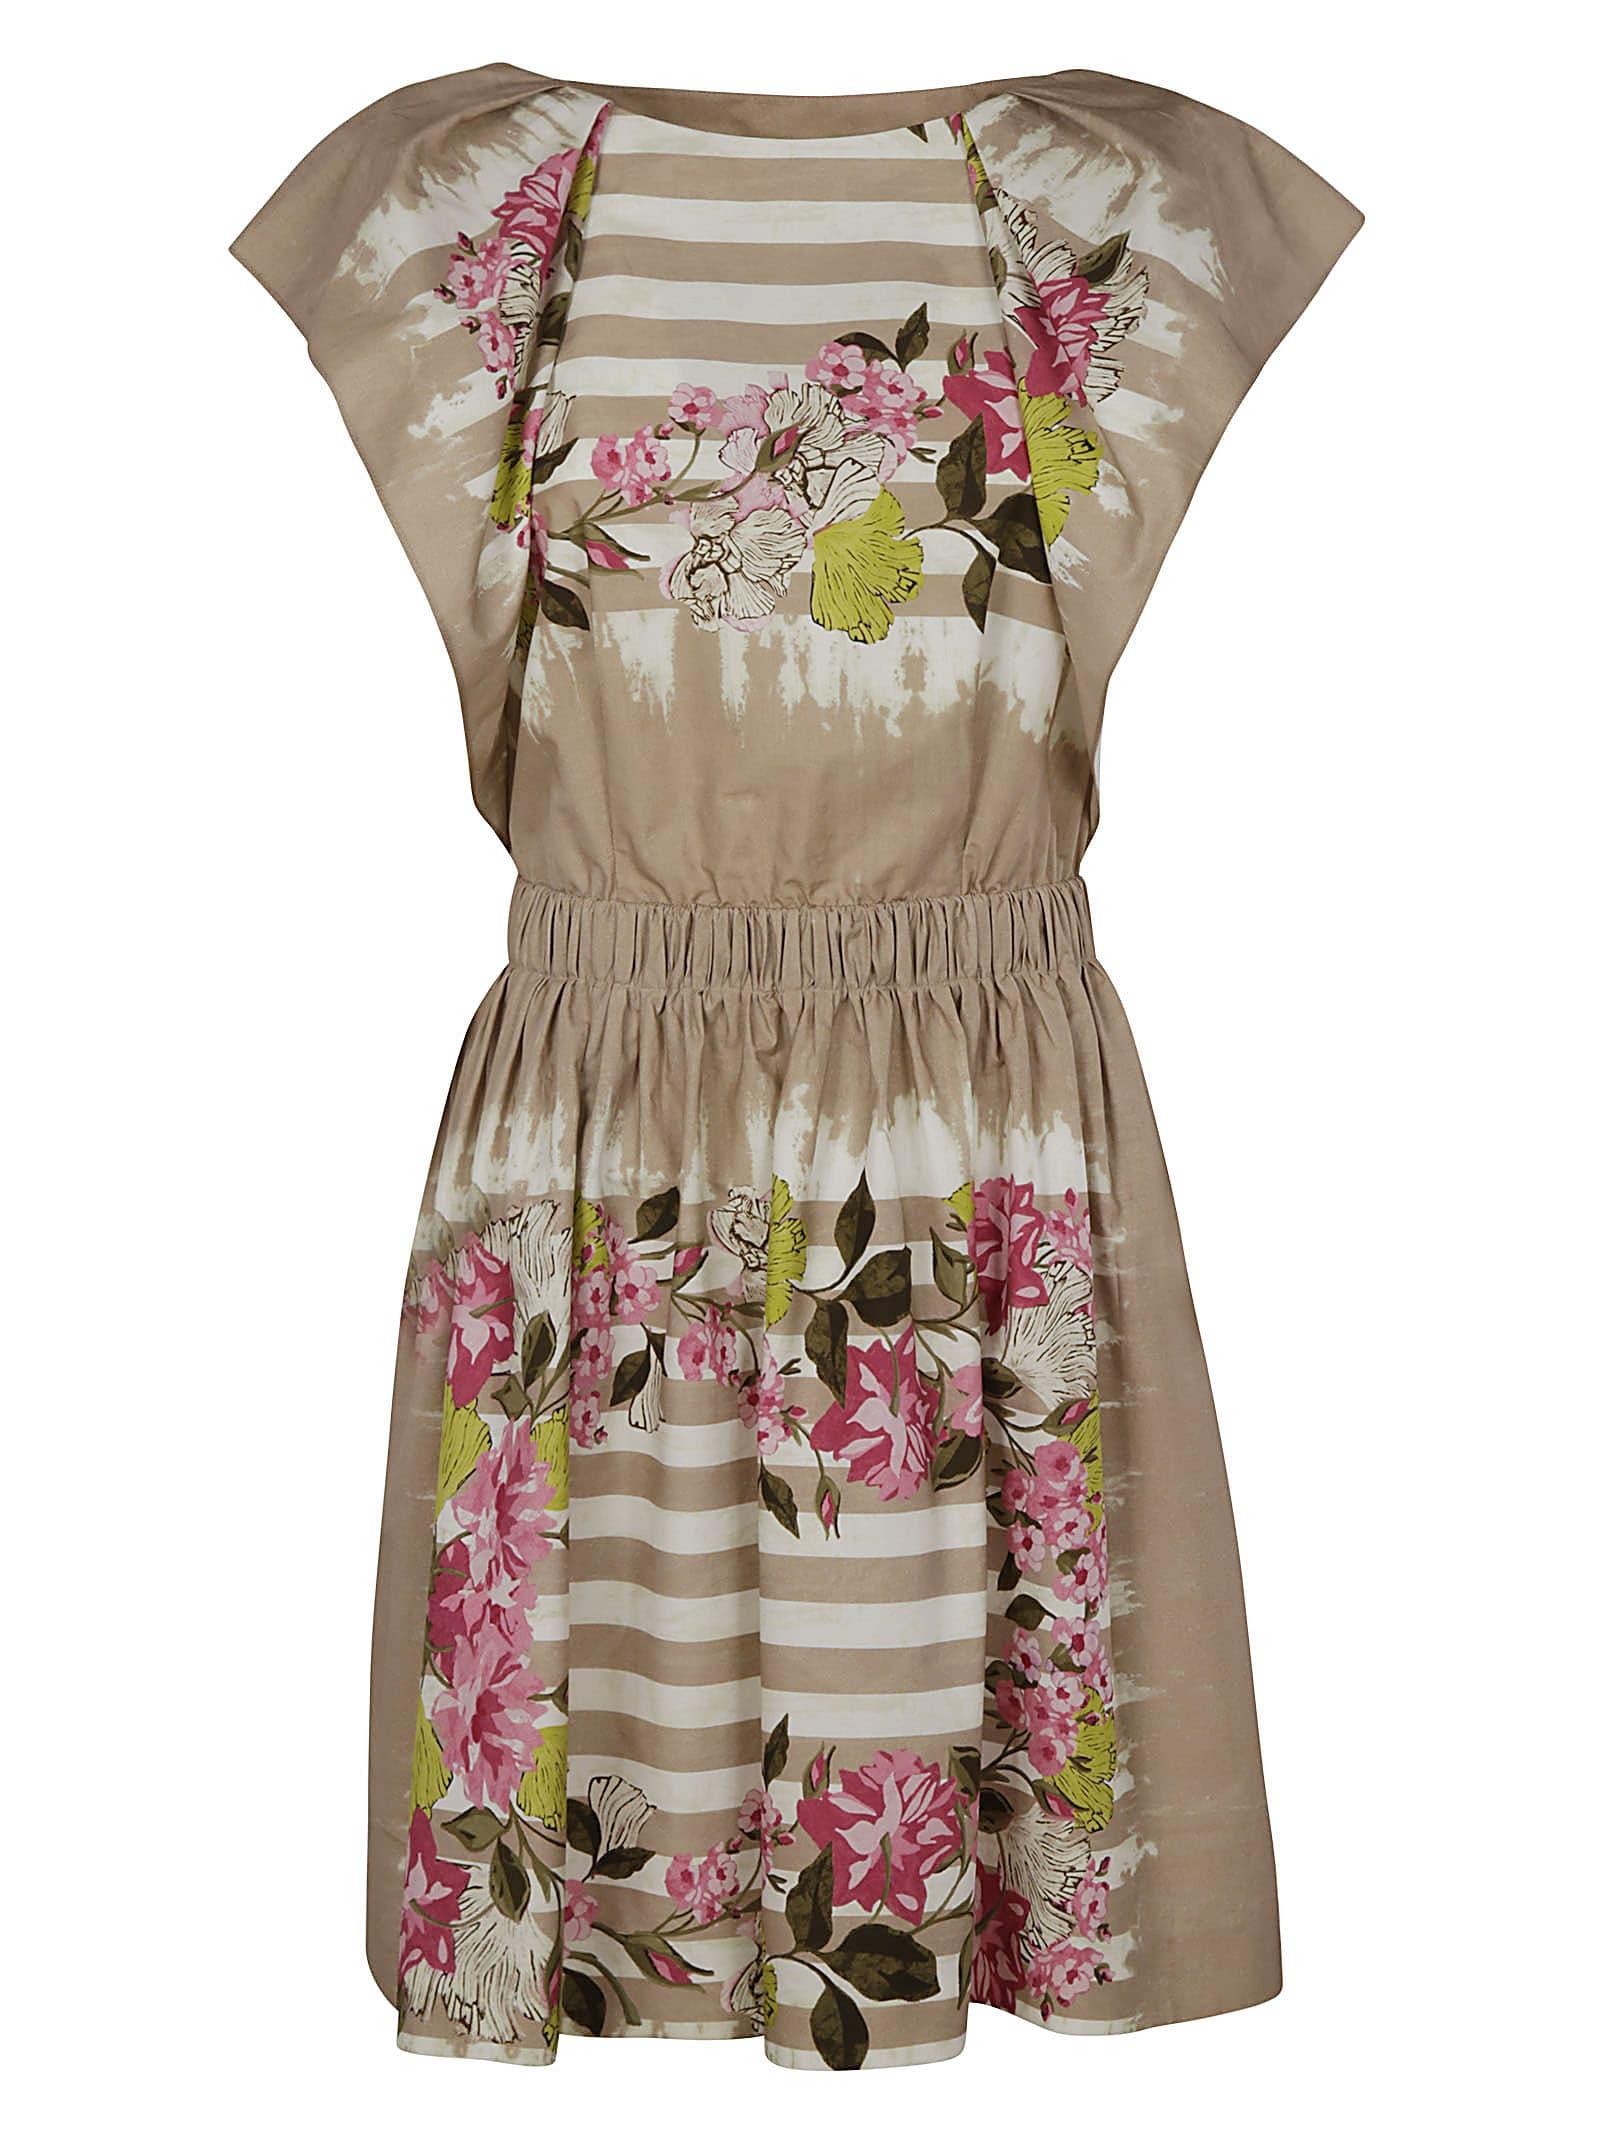 Alberta Ferretti Floral Print Stripe Detail Dress